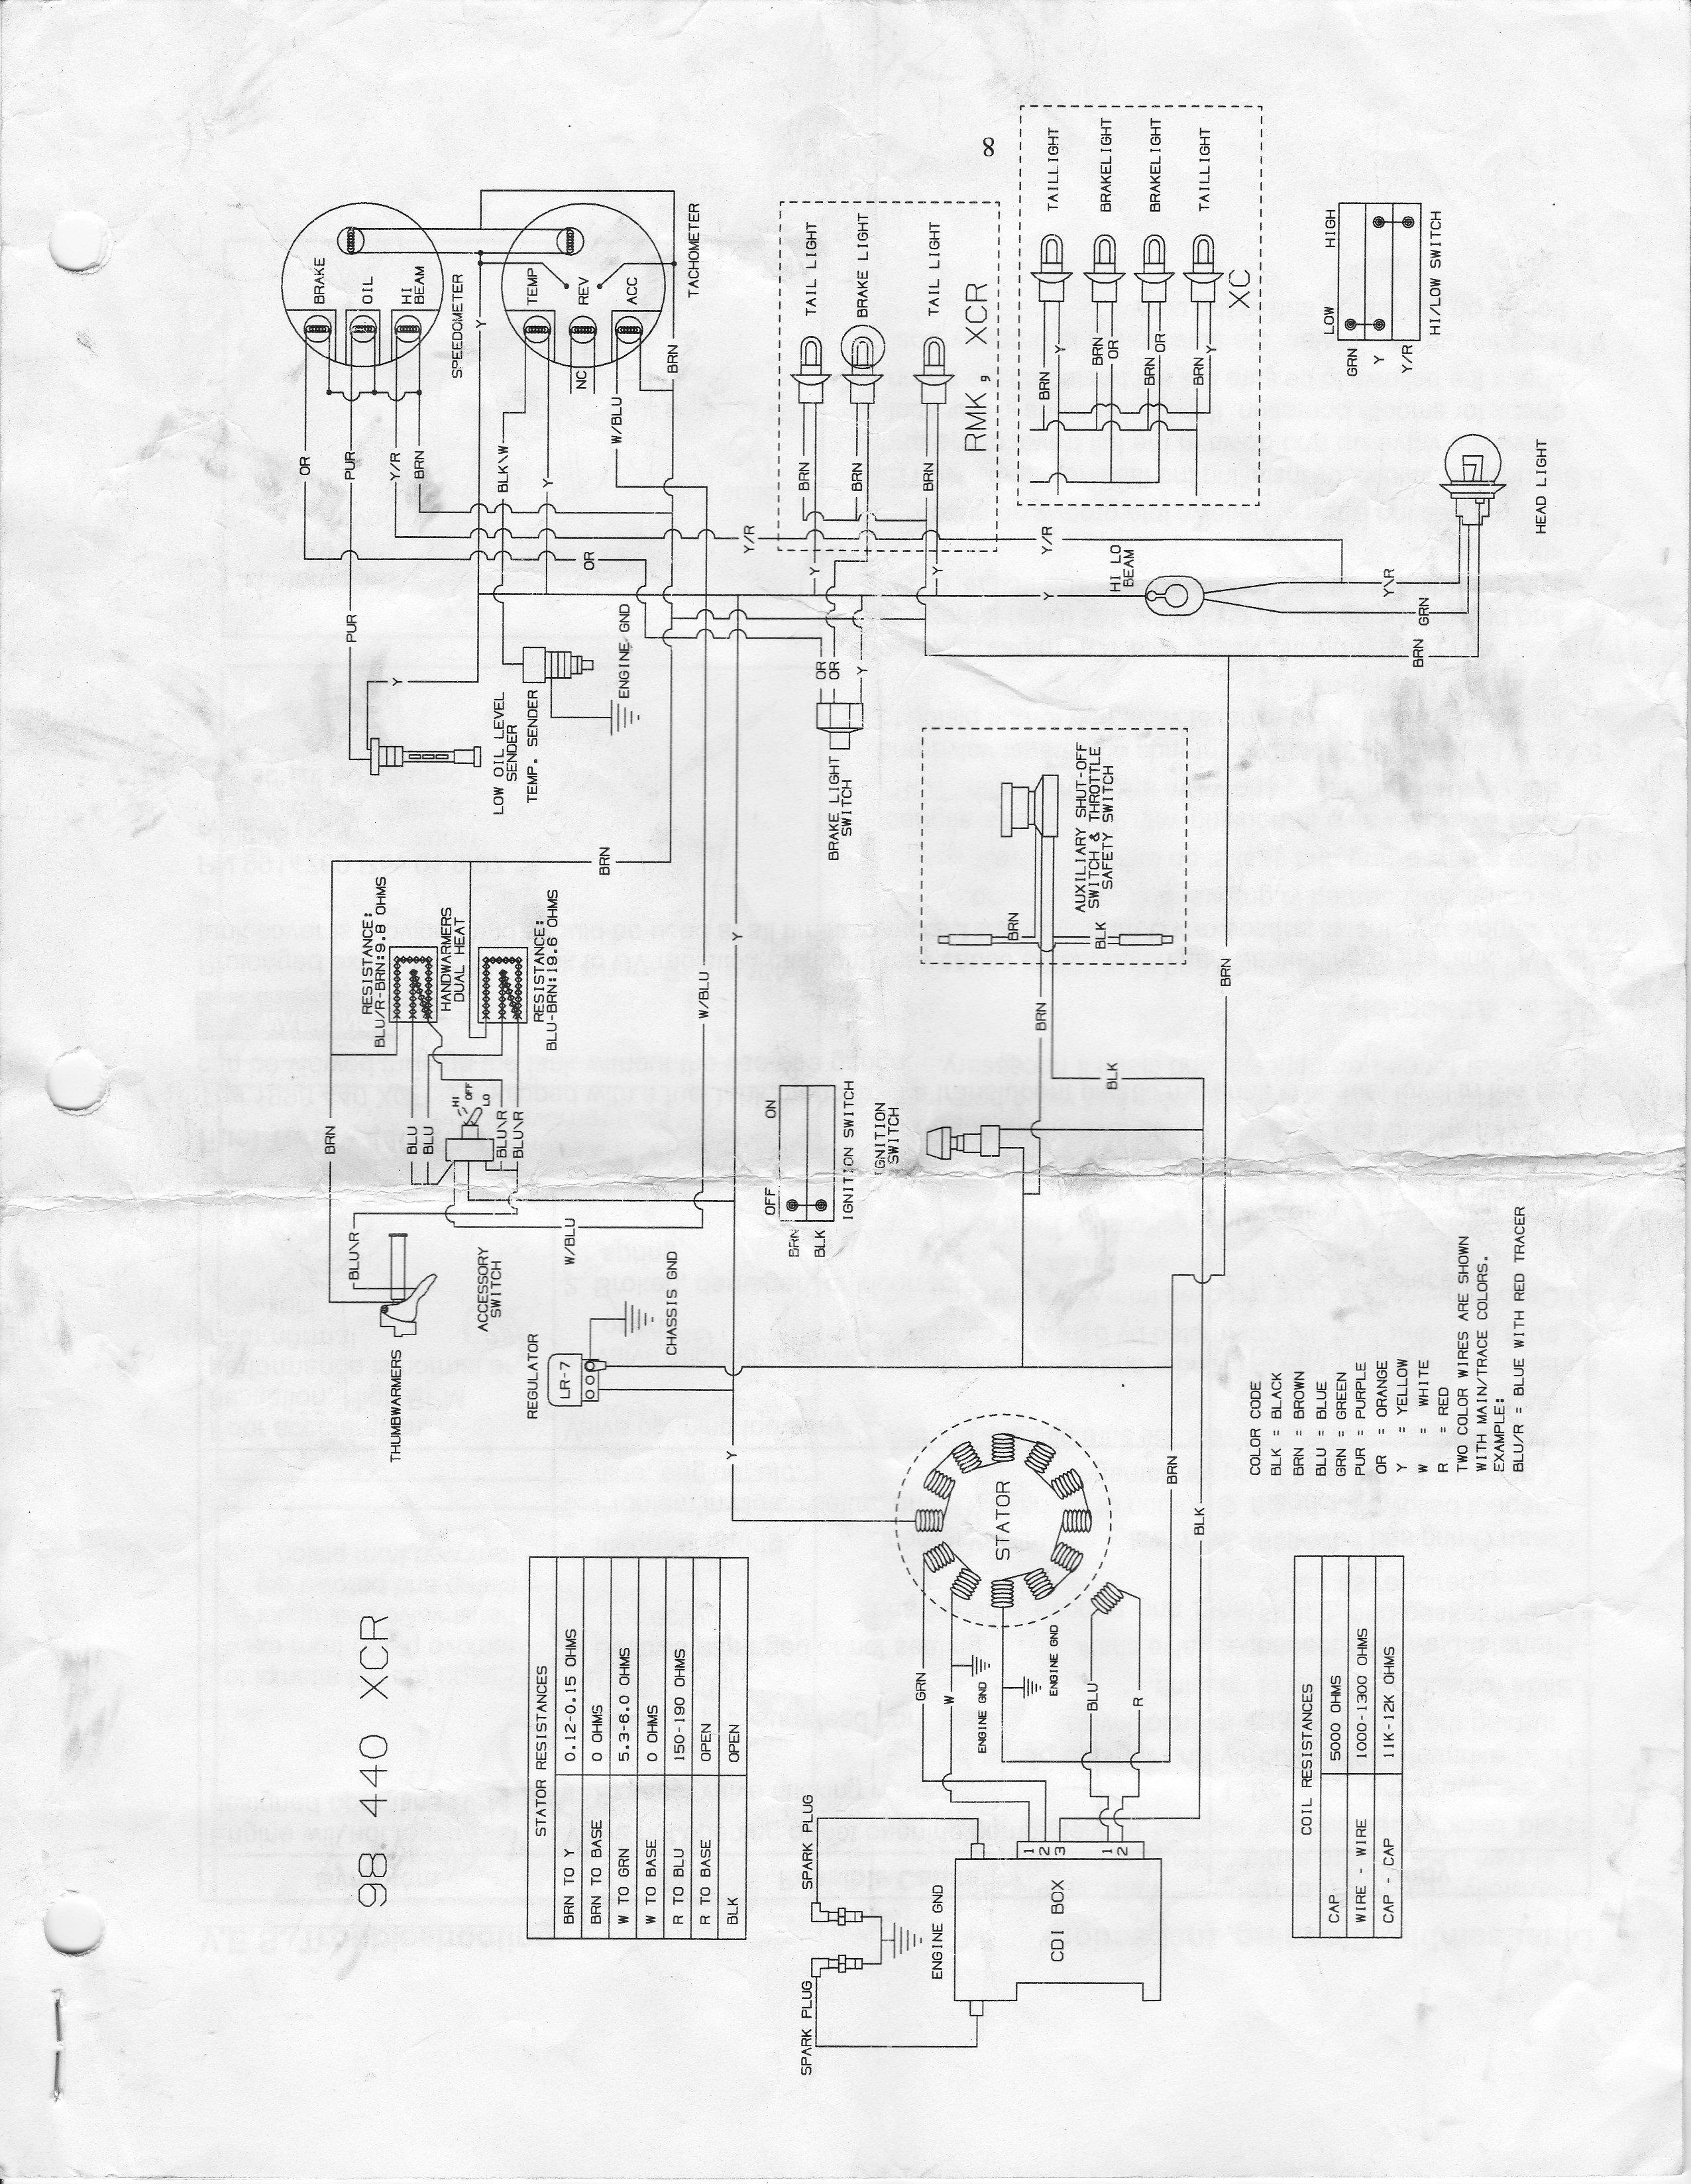 [SCHEMATICS_4UK]  CG_5799] 2000 Polaris Trailblazer Wiring Diagram Free Diagram | 2000 Xplorer 4x4 Wiring Diagram Schematic |  | Lotap Omit Hyedi Mohammedshrine Librar Wiring 101